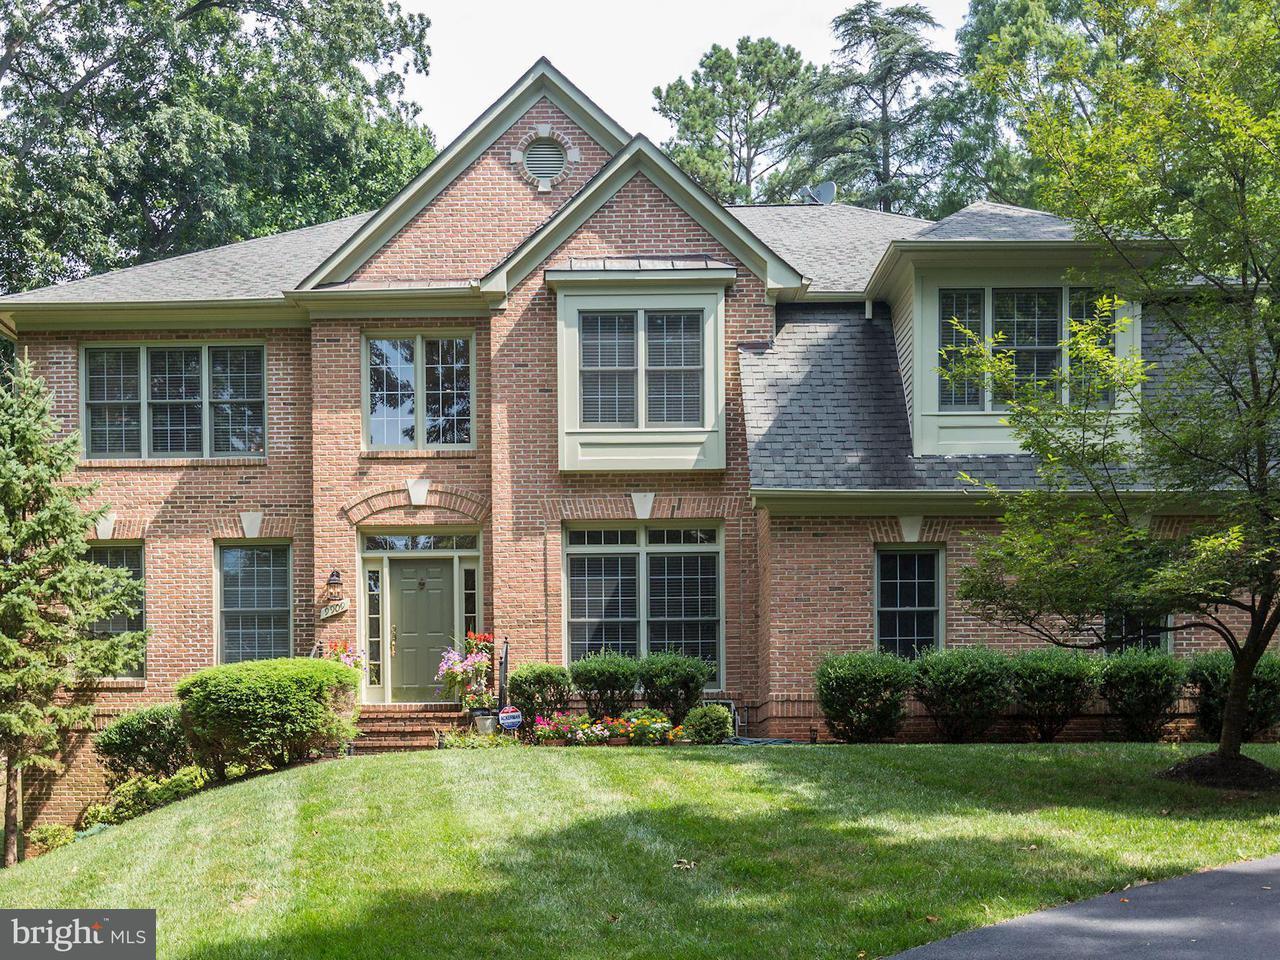 Single Family Home for Sale at 9909 Aldersgate Road 9909 Aldersgate Road Rockville, Maryland 20850 United States